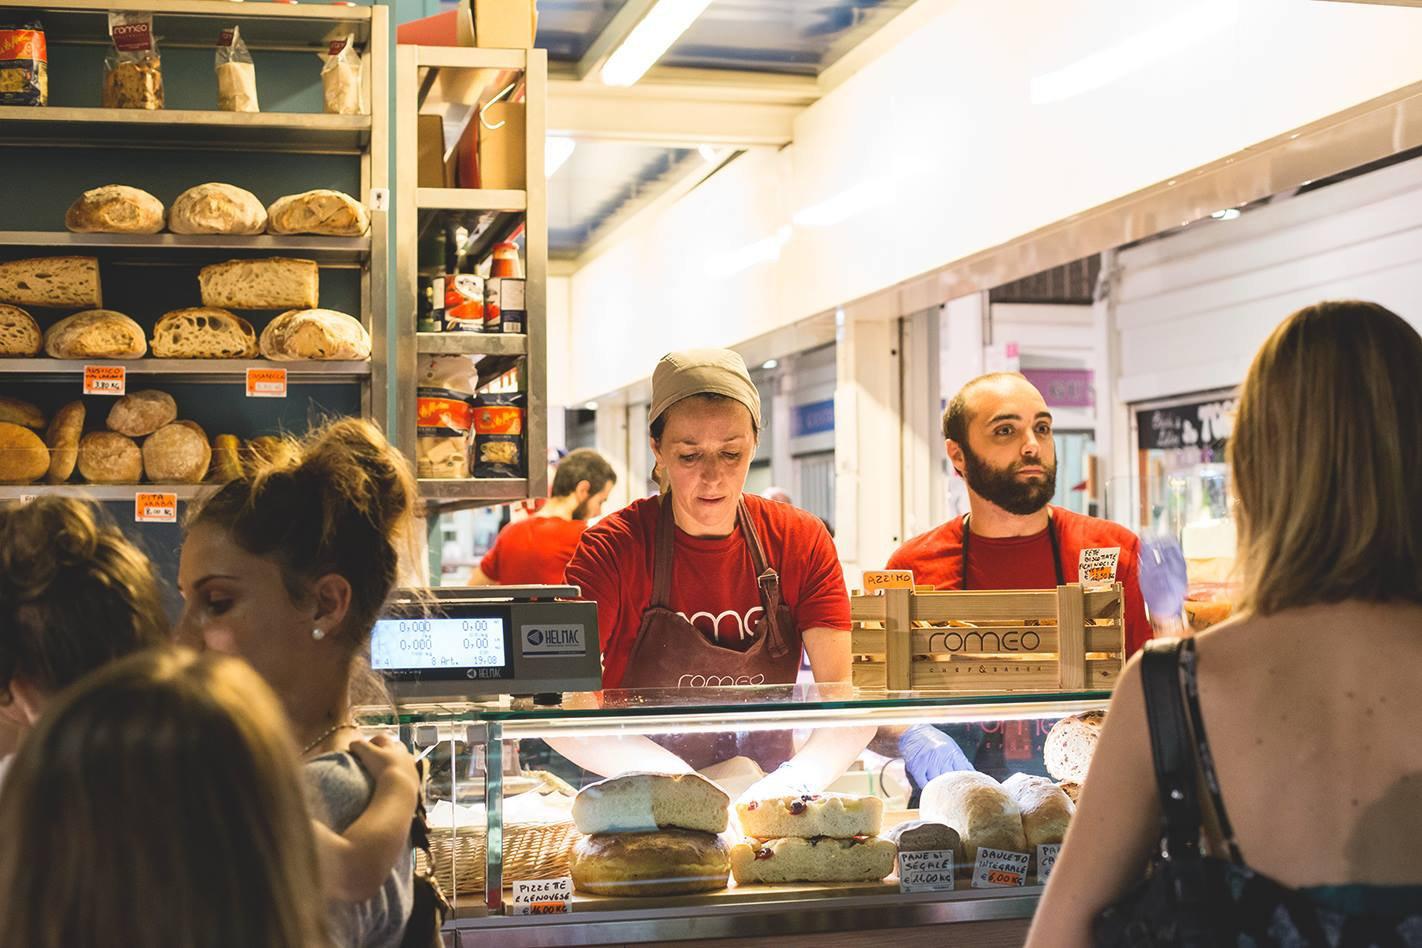 Ecco i 10 posti in cui mangiare a Roma che hanno fatto innamorare Eater